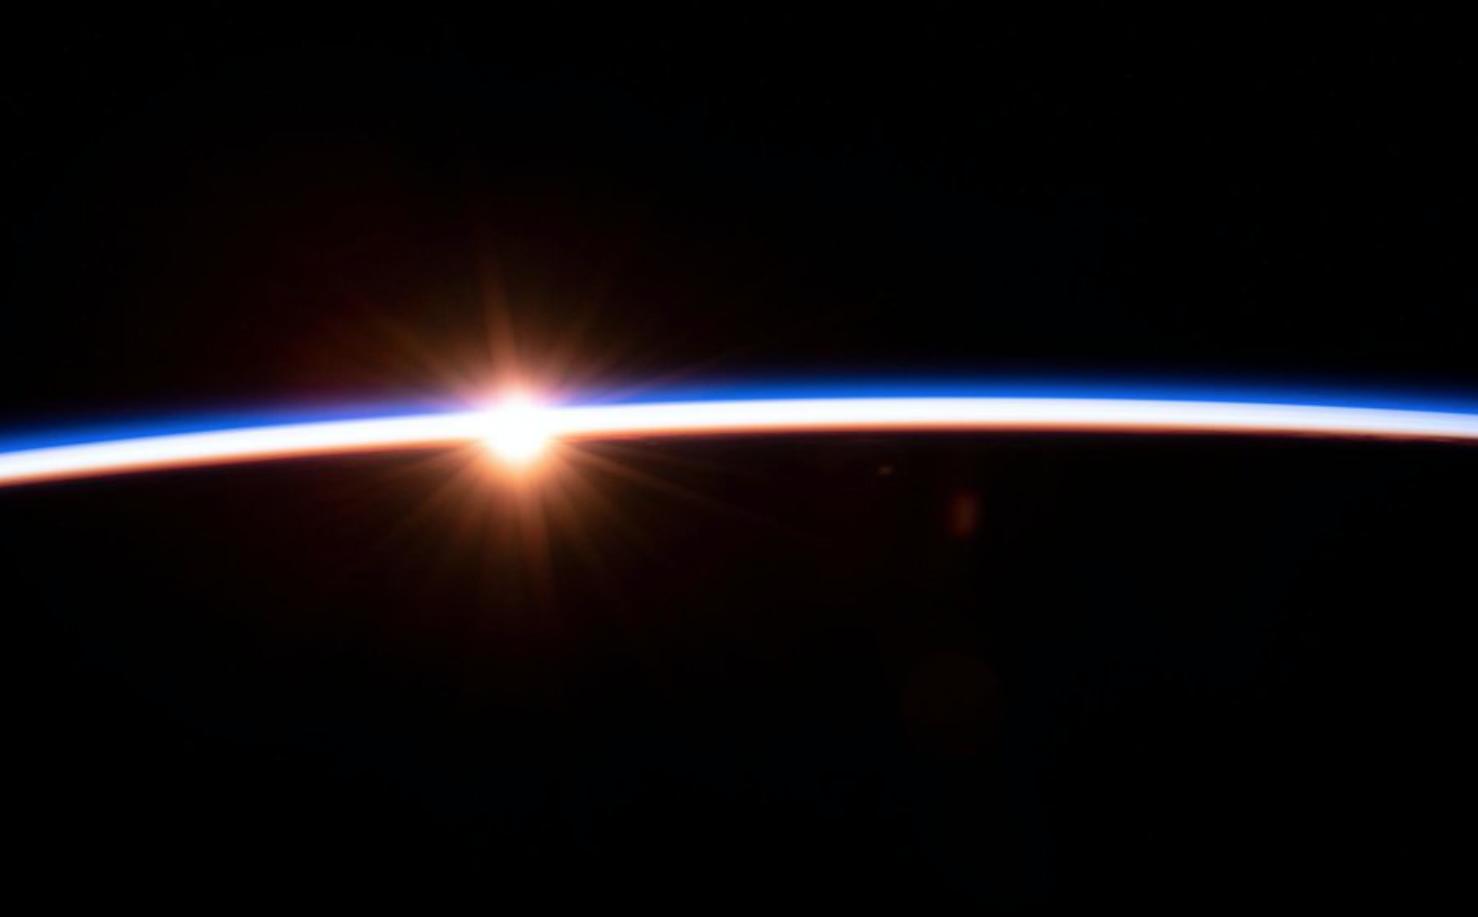 La NASA y su teletransportación cuántica de larga distancia